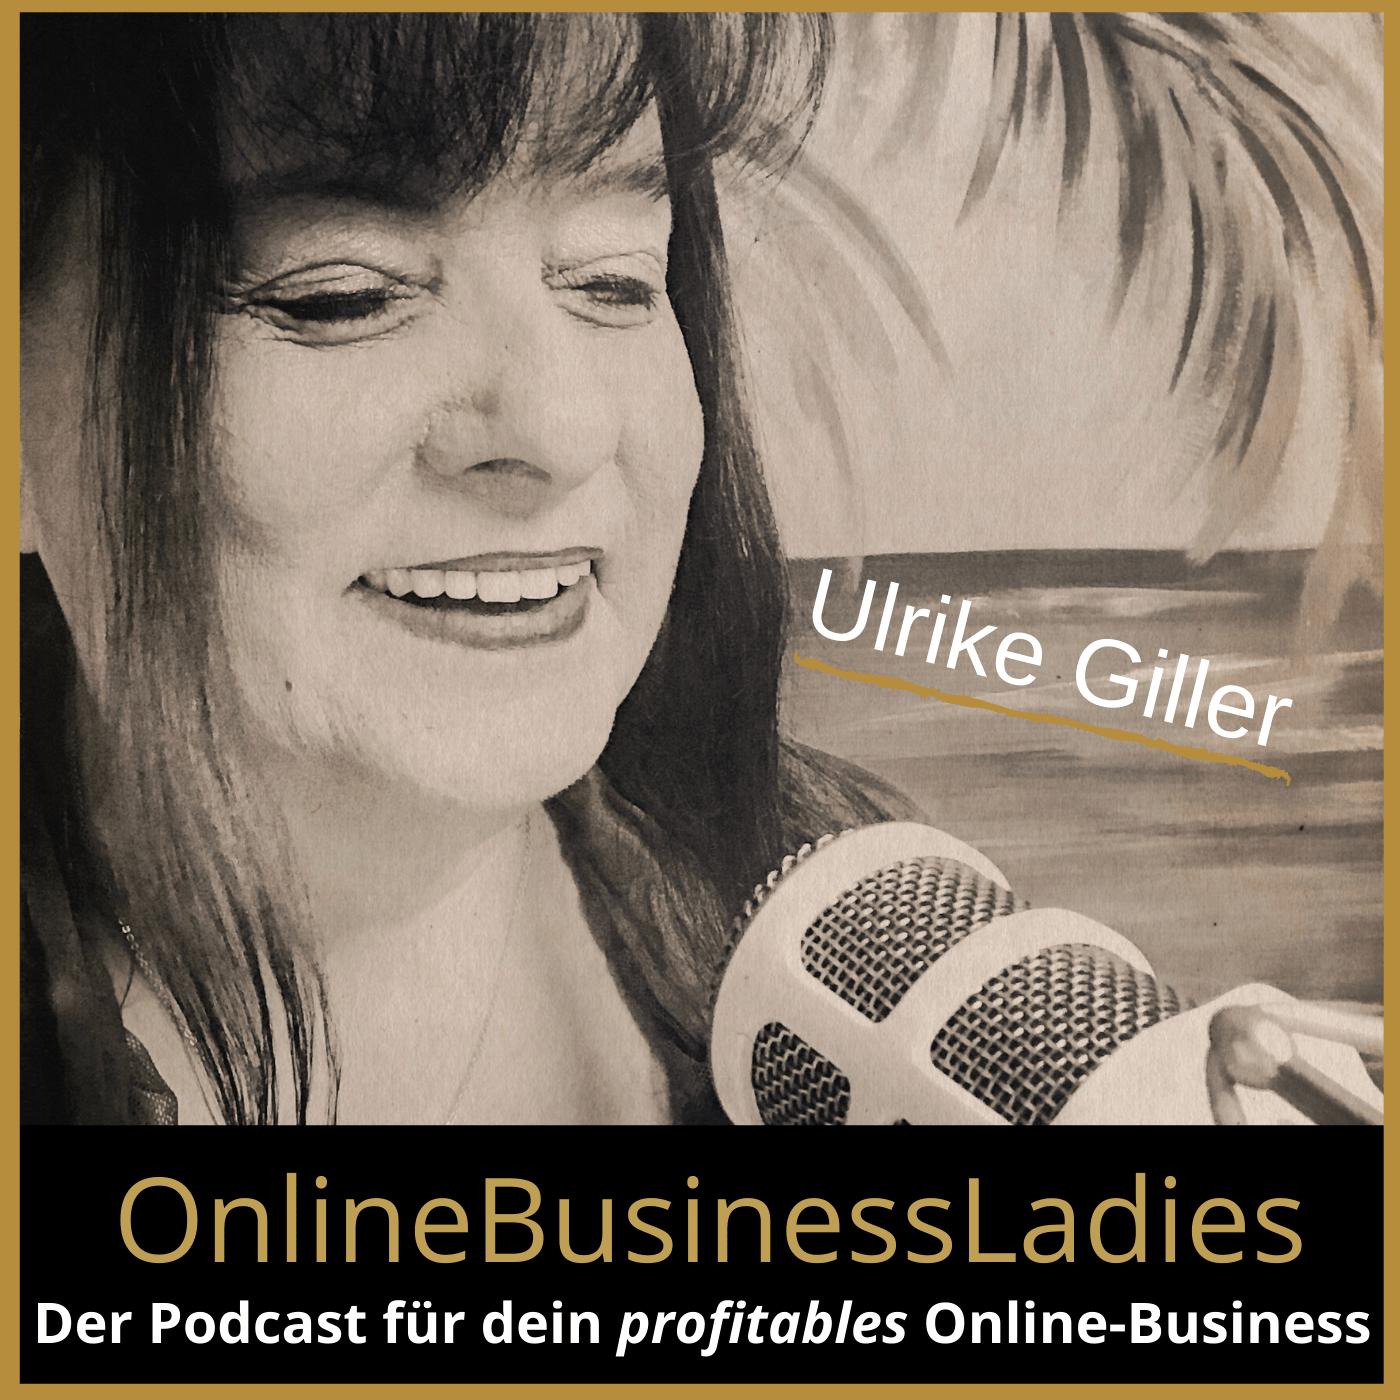 OnlineBusinessLadies mit Ulrike Giller - Einfach.Smart.Online.Erfolgreich.